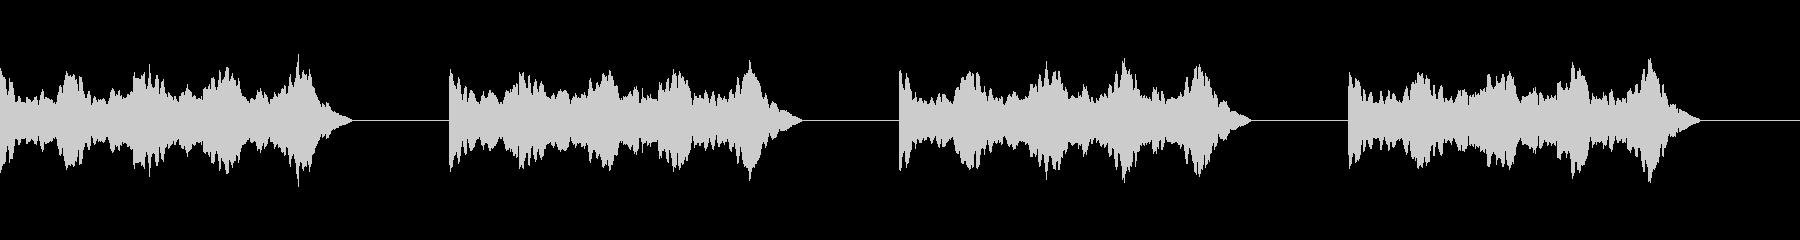 【アラーム01-1L】の未再生の波形